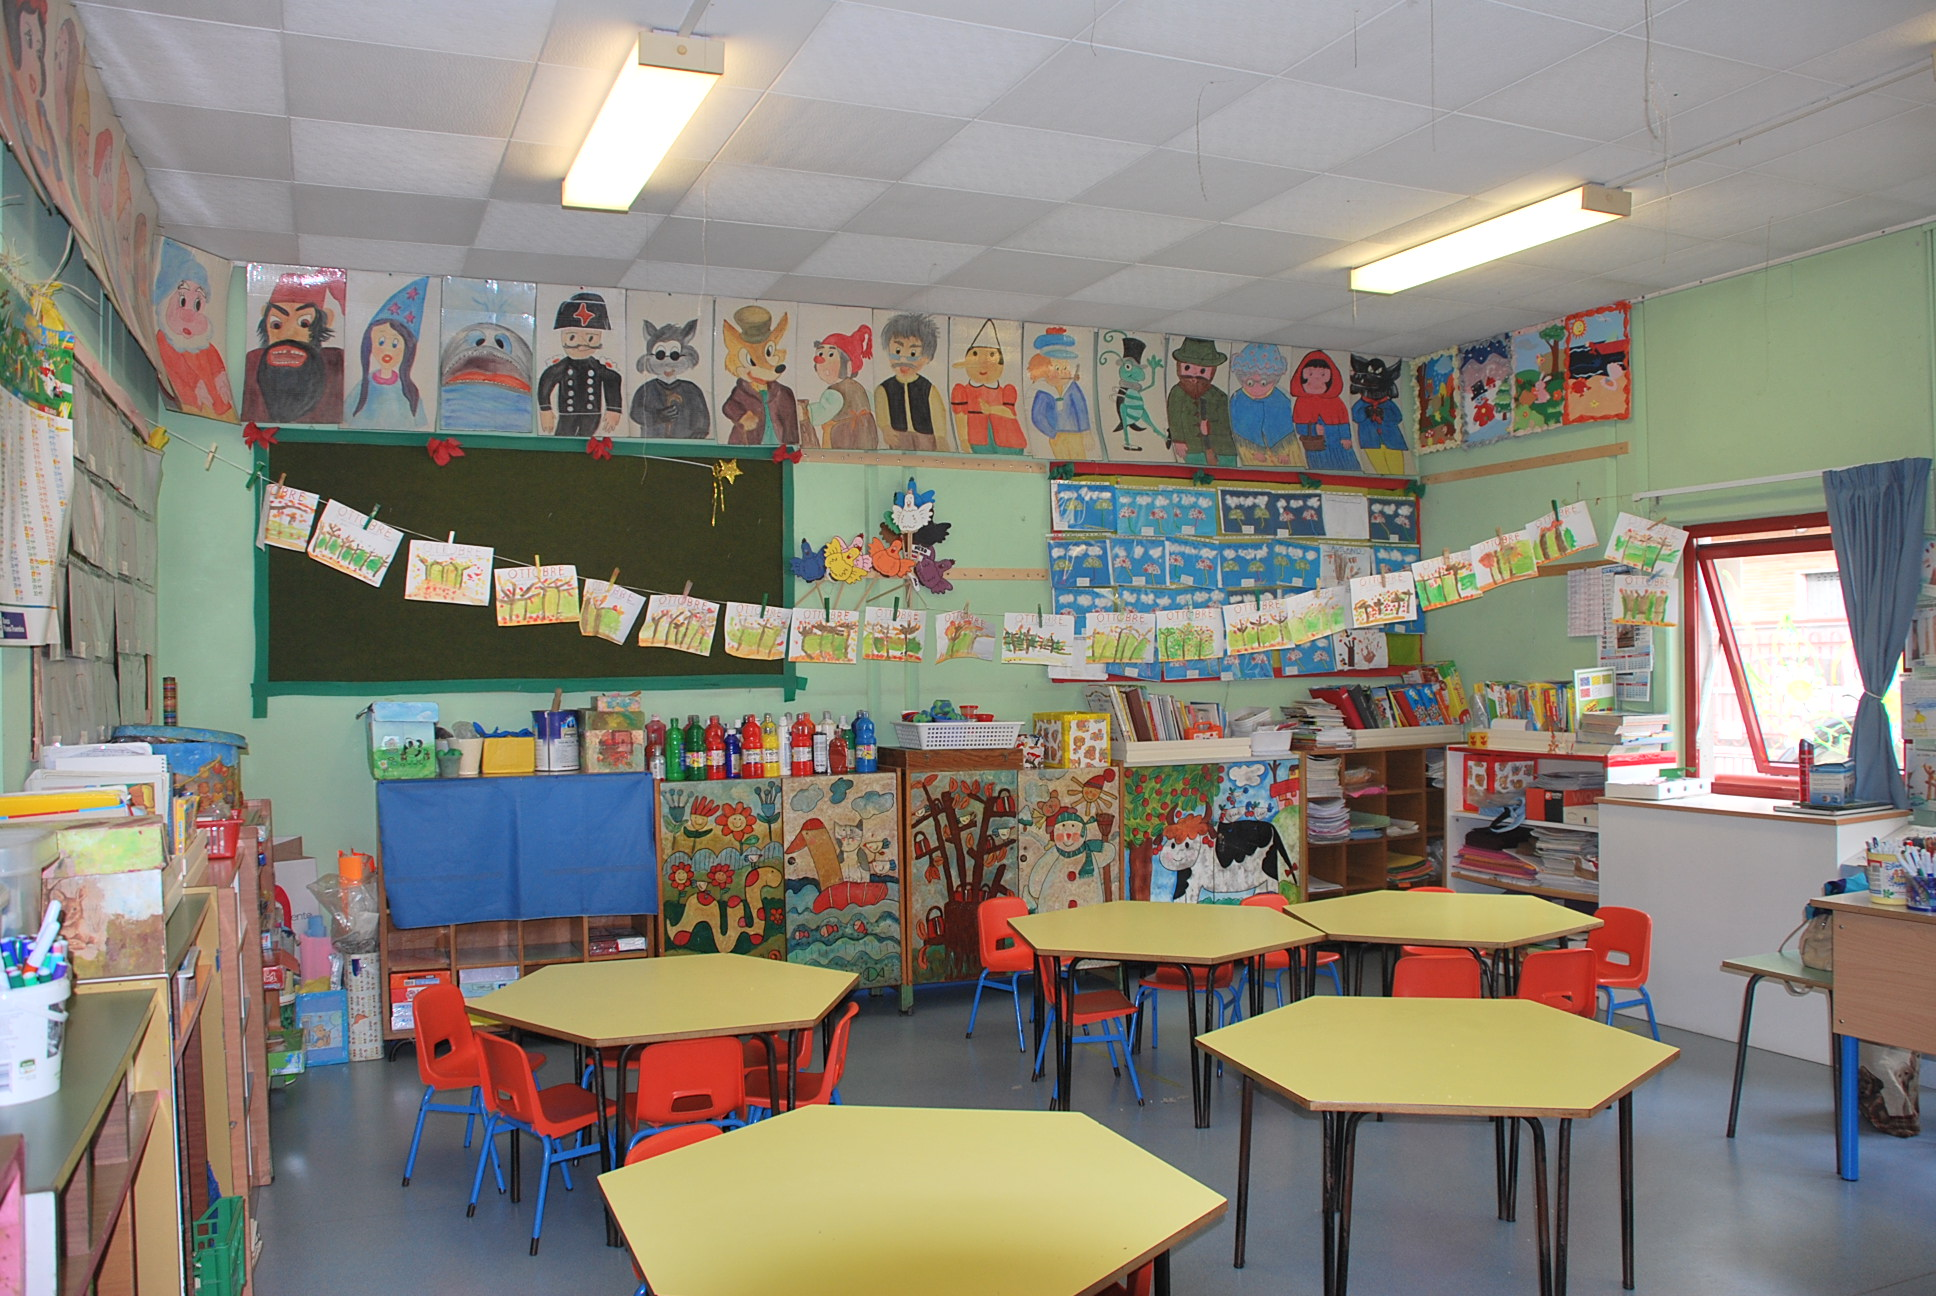 visita-scuola-infanzia